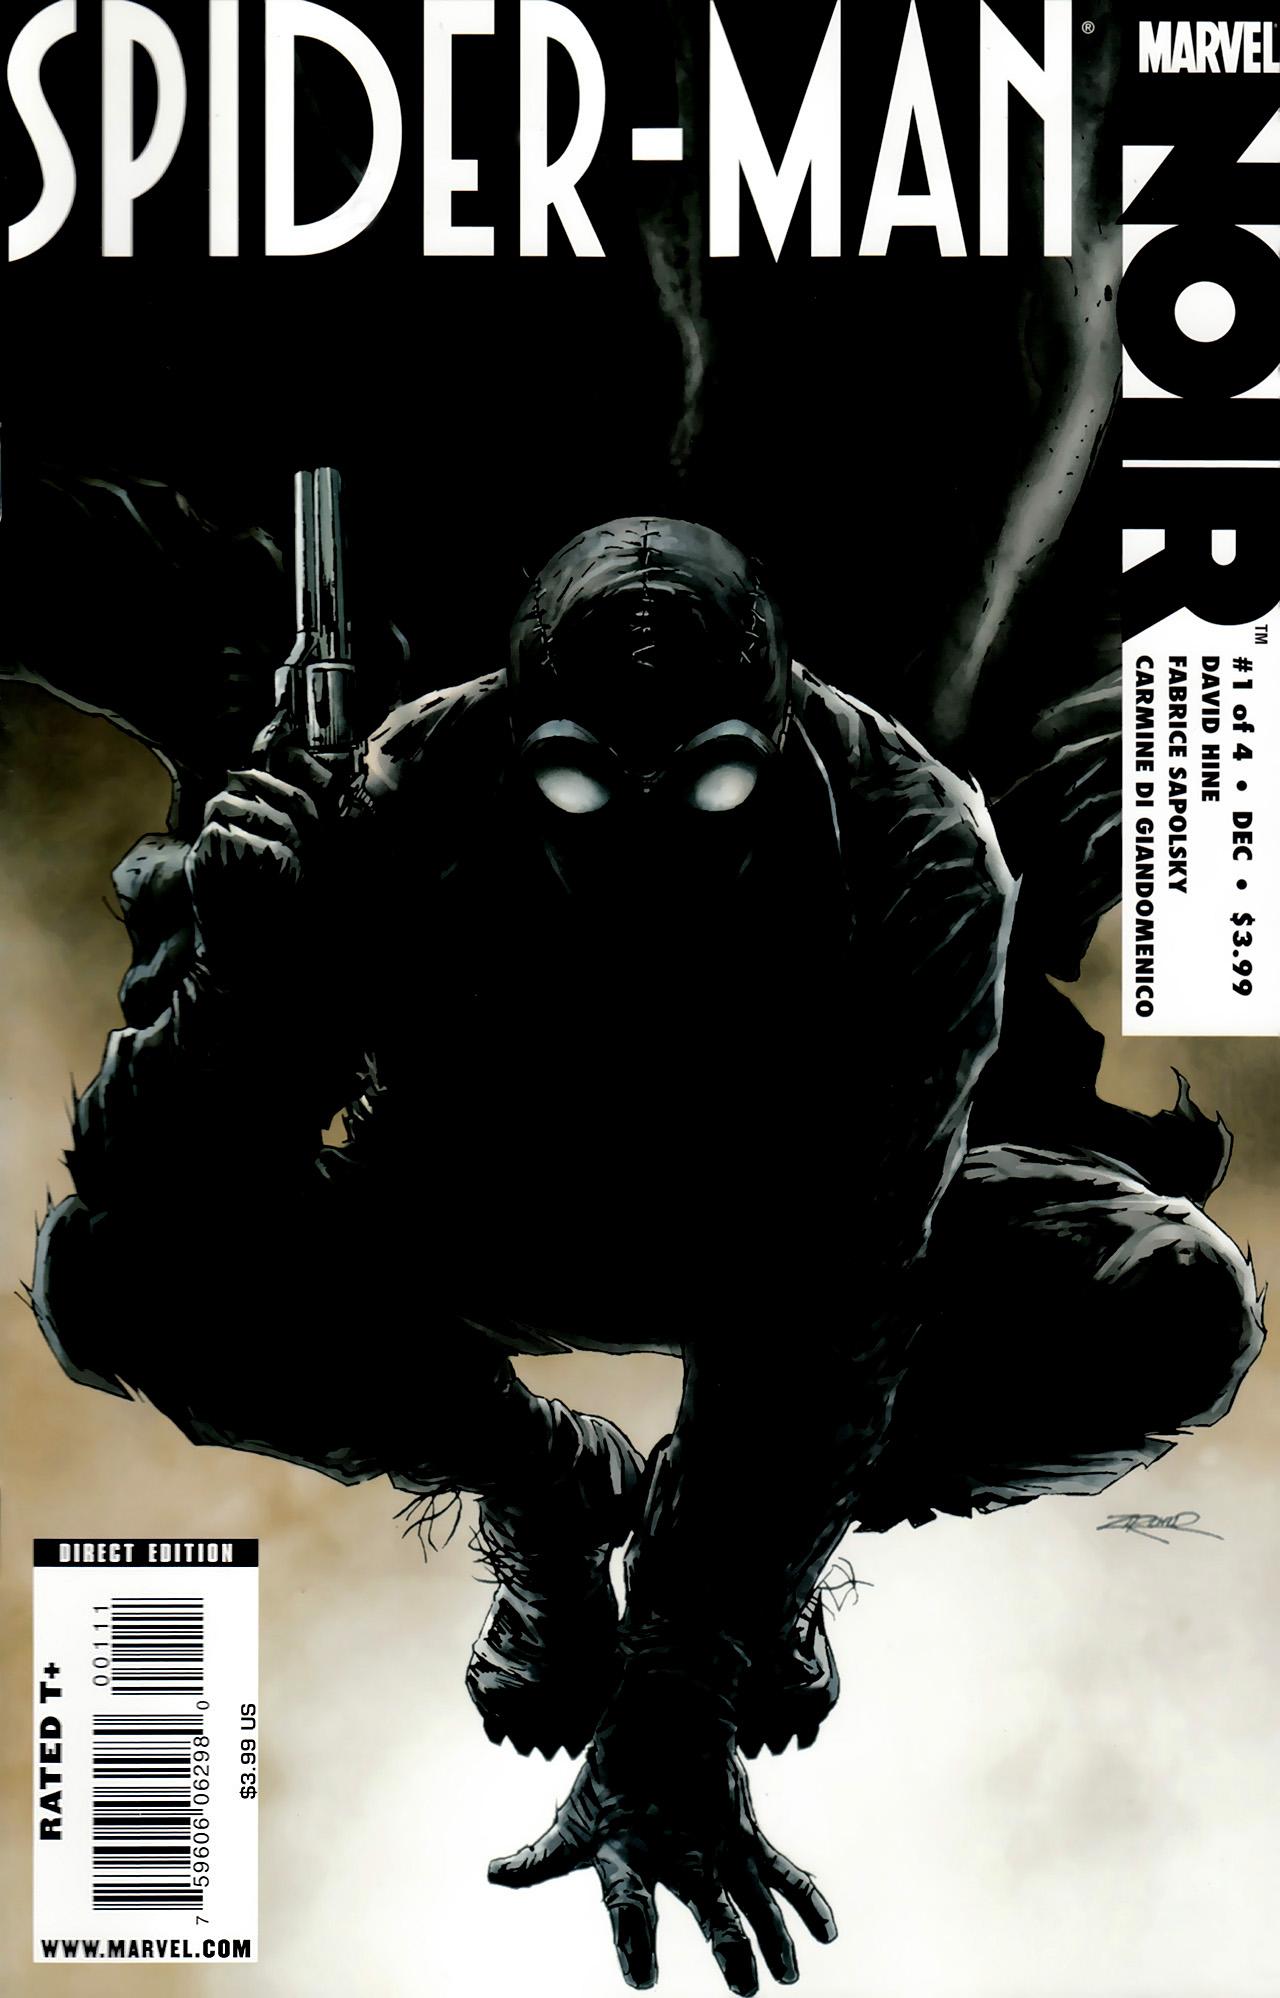 Spider-Man Noir (2009) issue 1 - Page 1